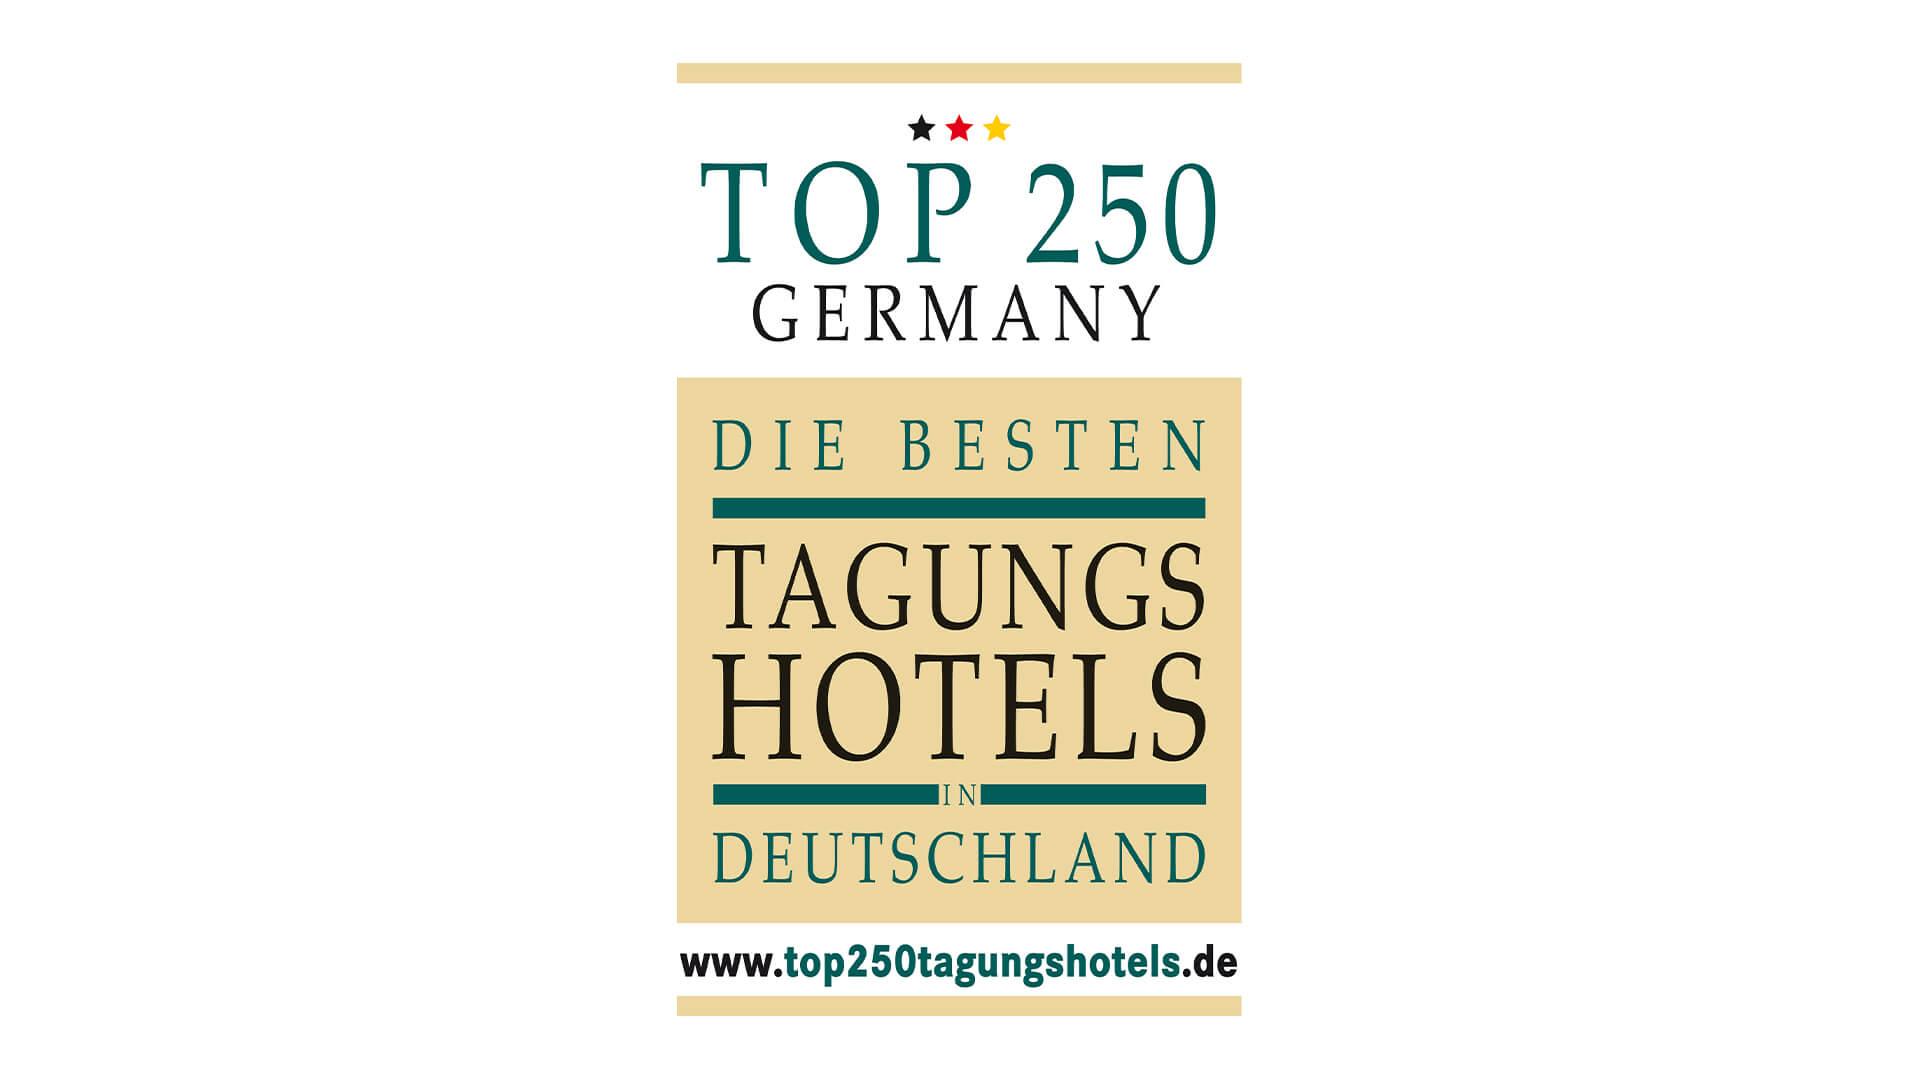 Top 250 Tagungshotels